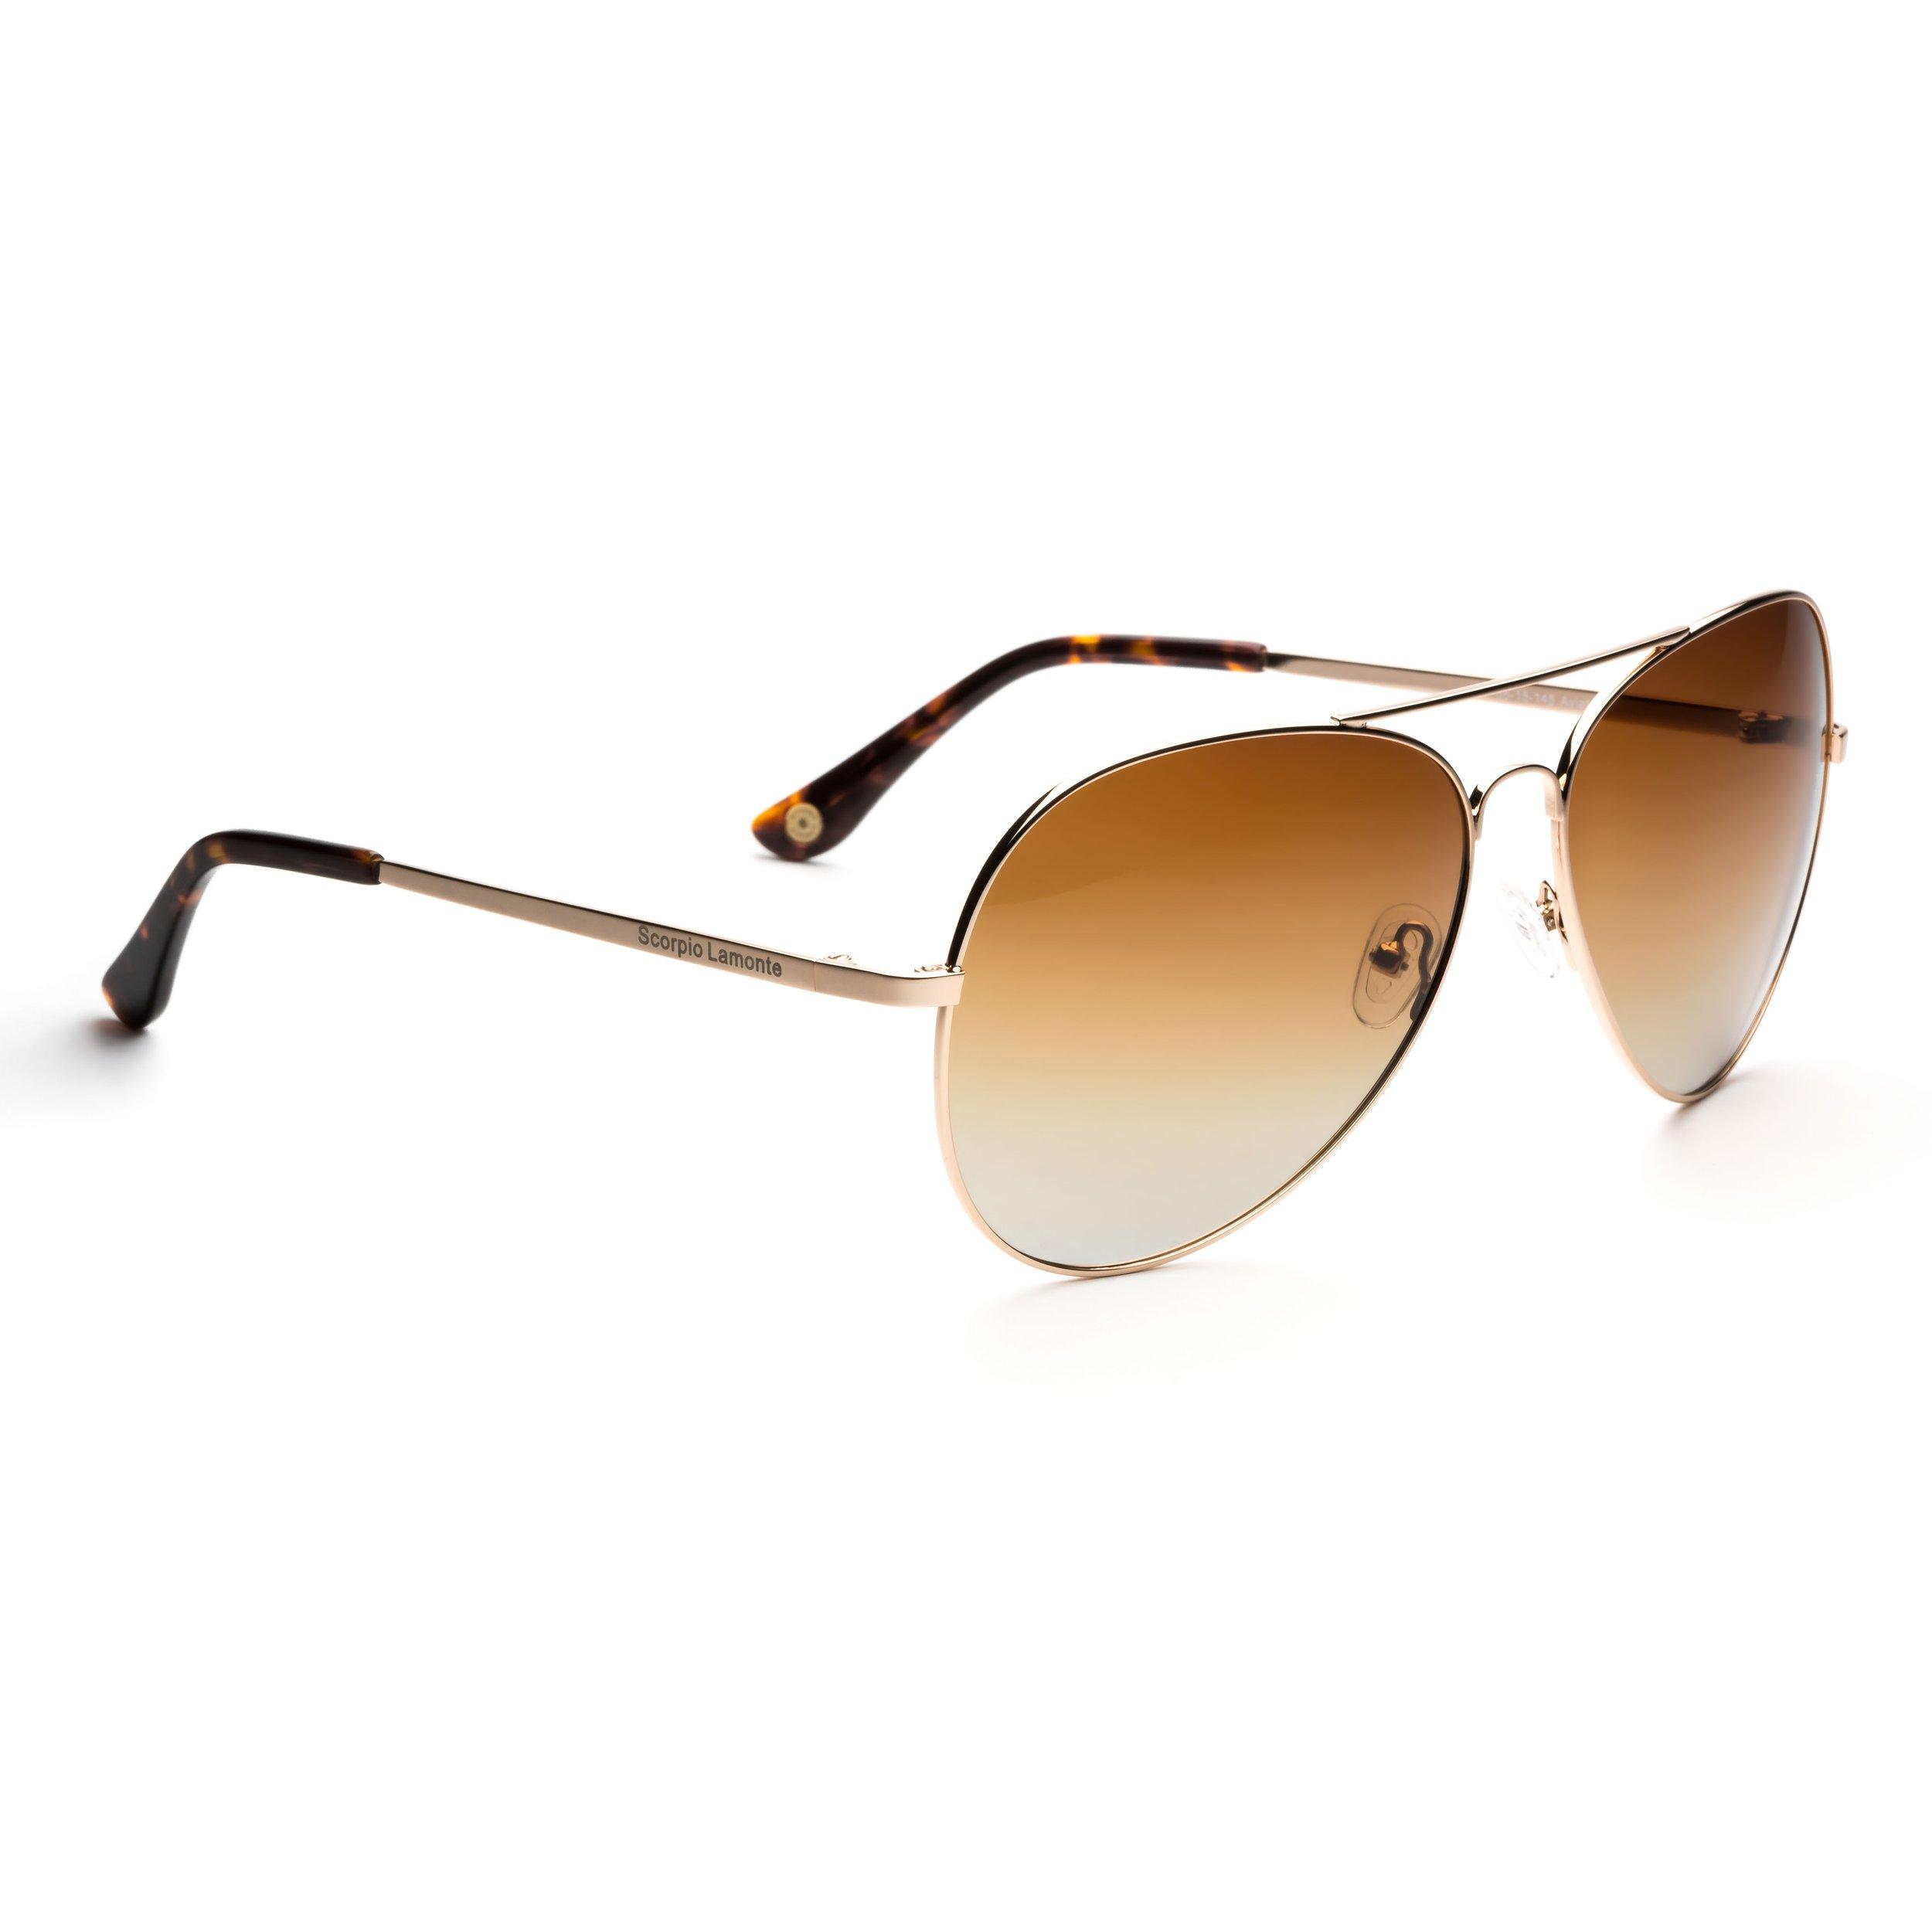 Aviator Golden Brown Sunglasses Scorpio Lamonte Eyewear